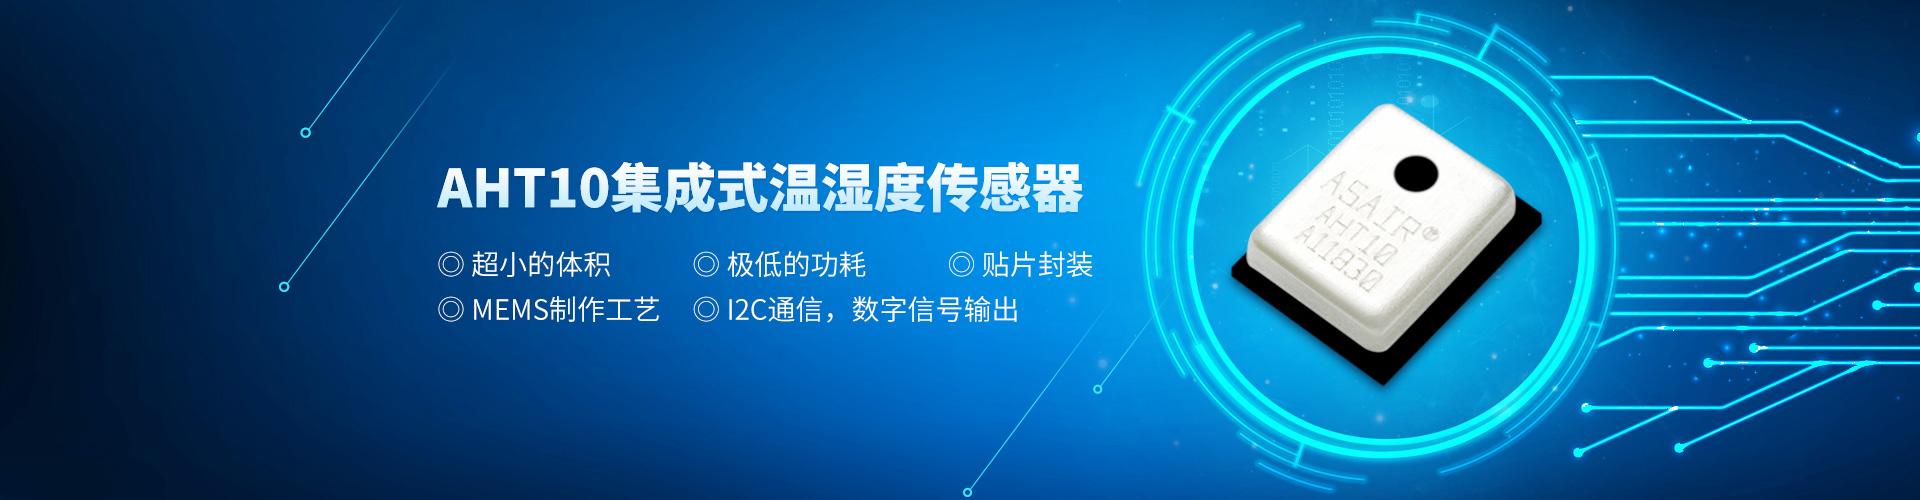 工业4.0席卷全球 传感器为产业智能化升级赋能